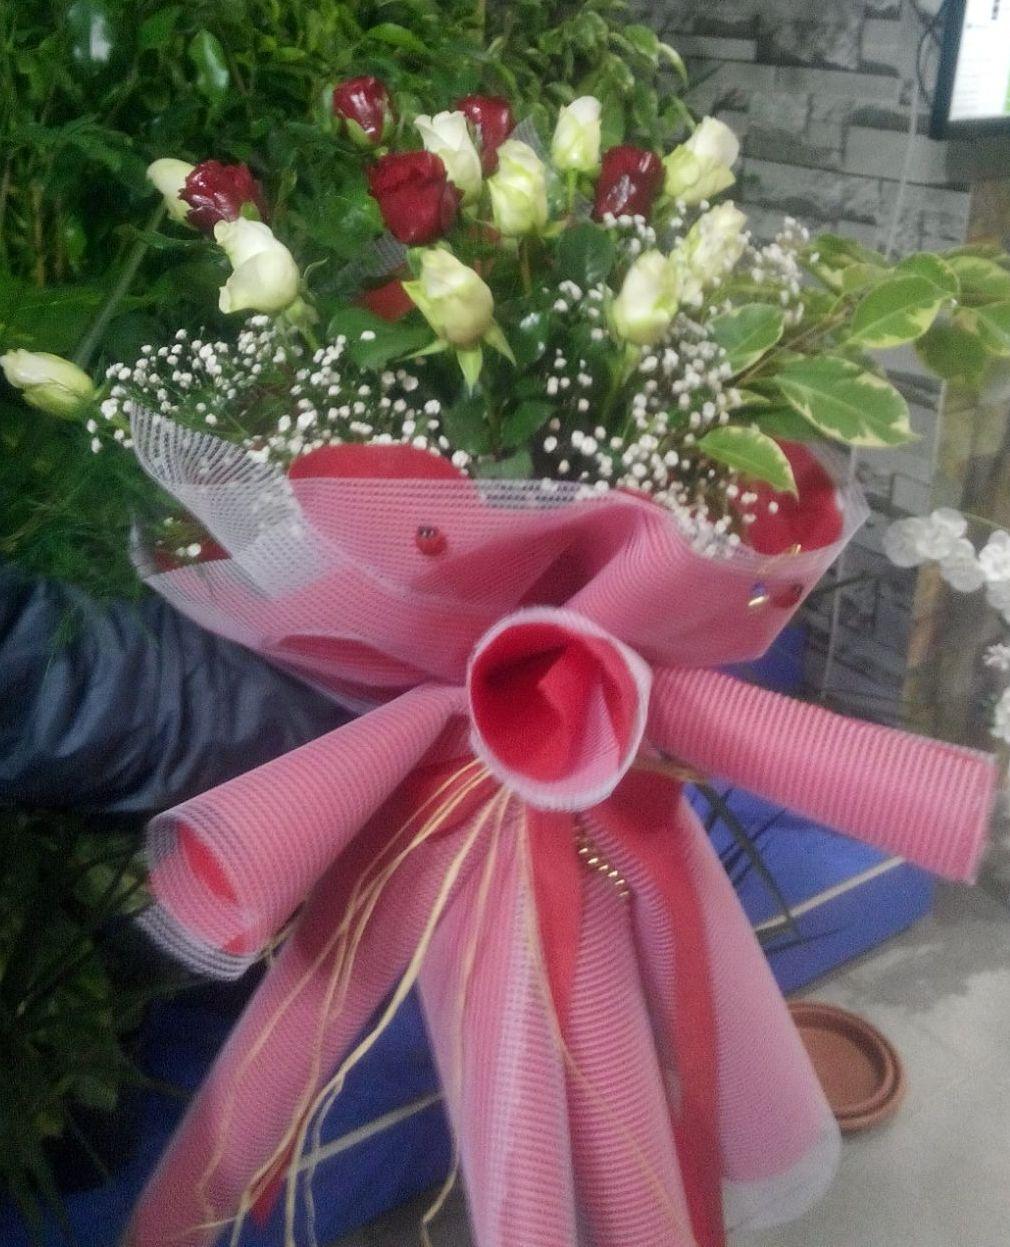 Kýrmýzý Beyaz güller